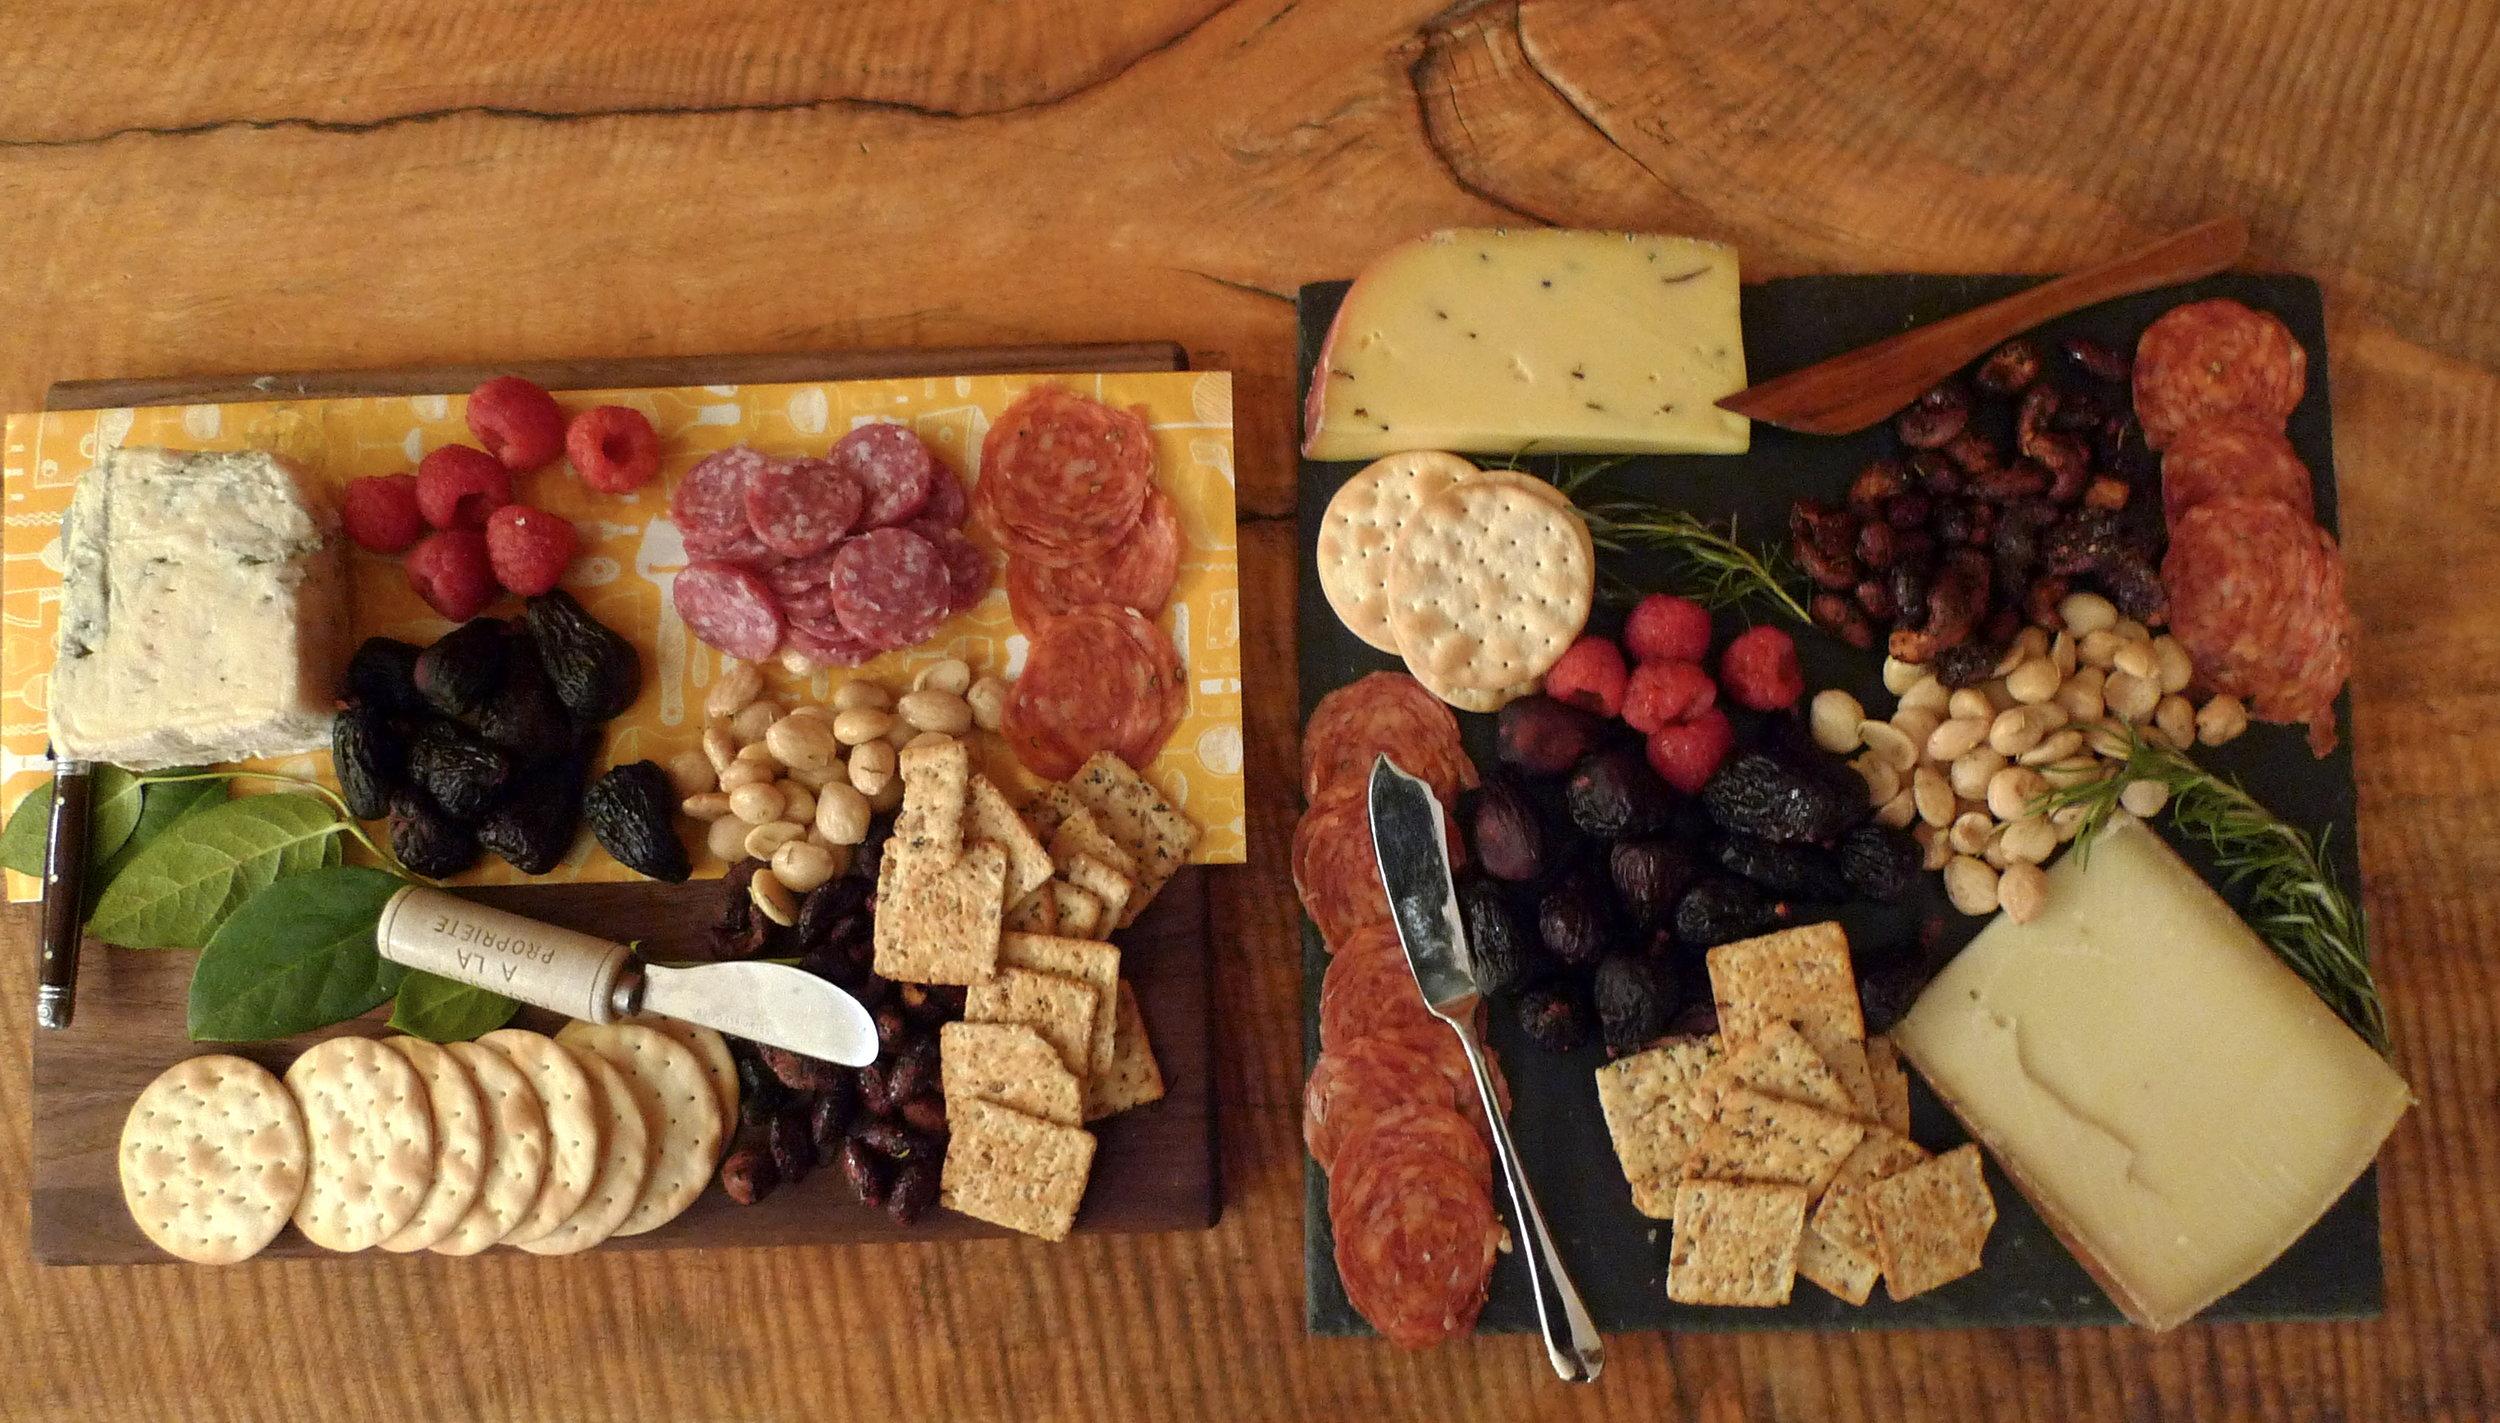 MarisaOlsen-GirlLovesFood-cheese plates